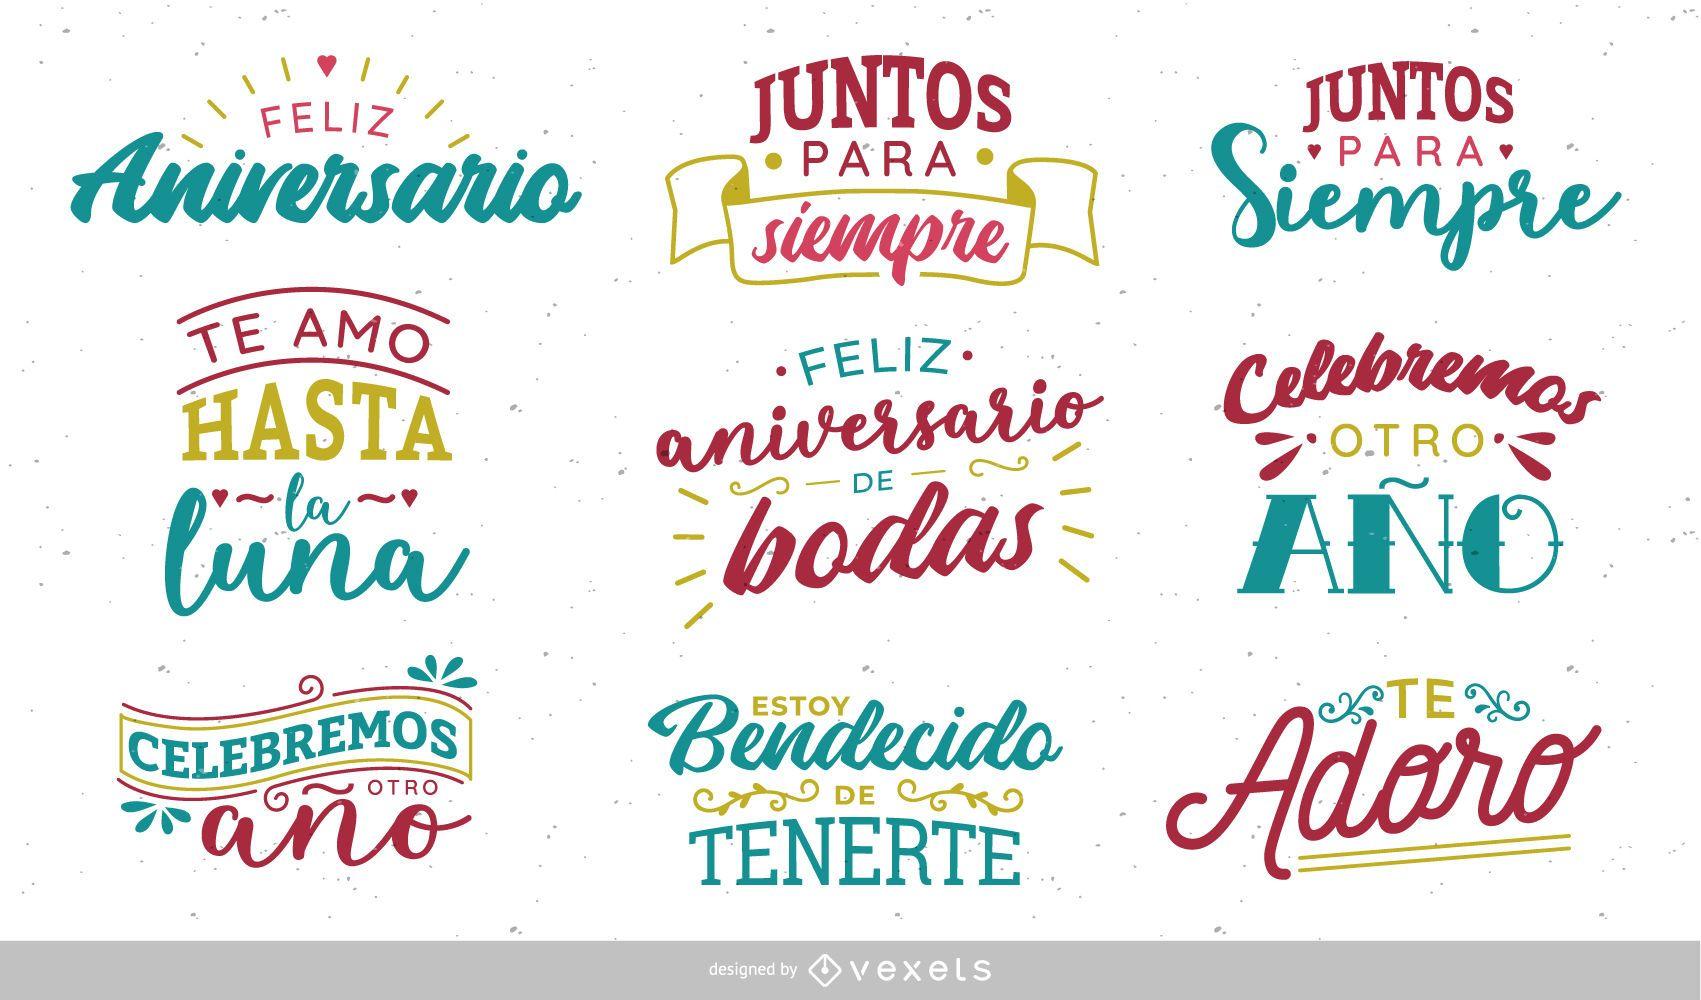 Feliz Aniversario En Espanol: Diseño De Letras Del Aniversario Español